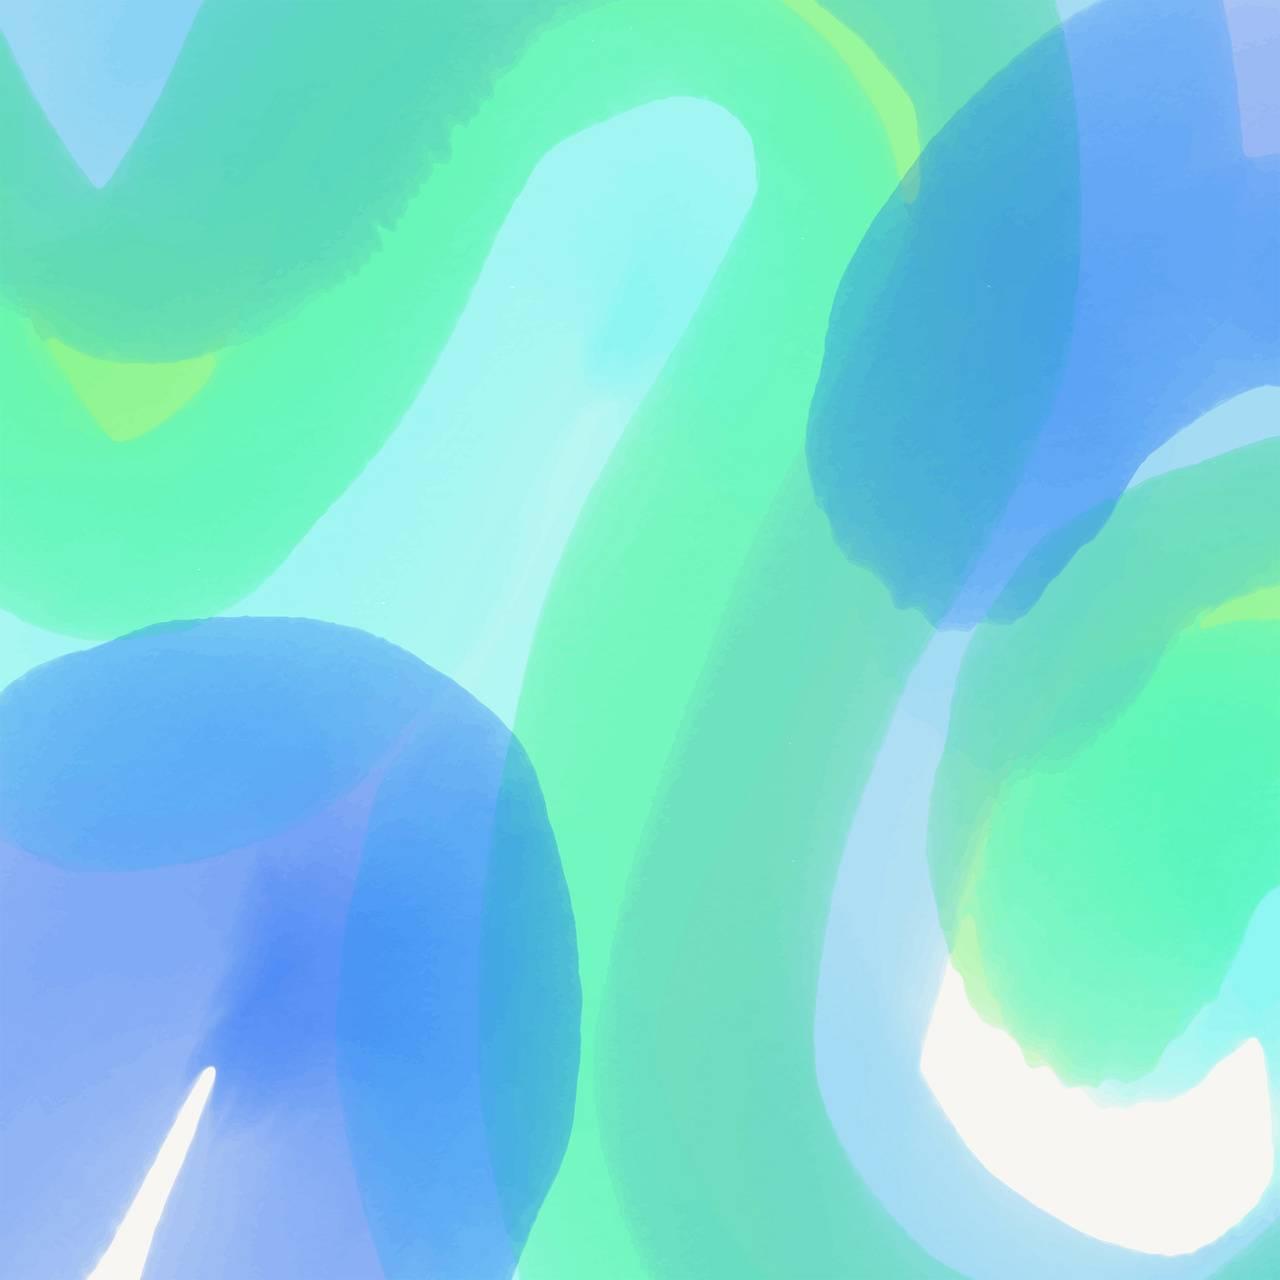 Abstract Ballons